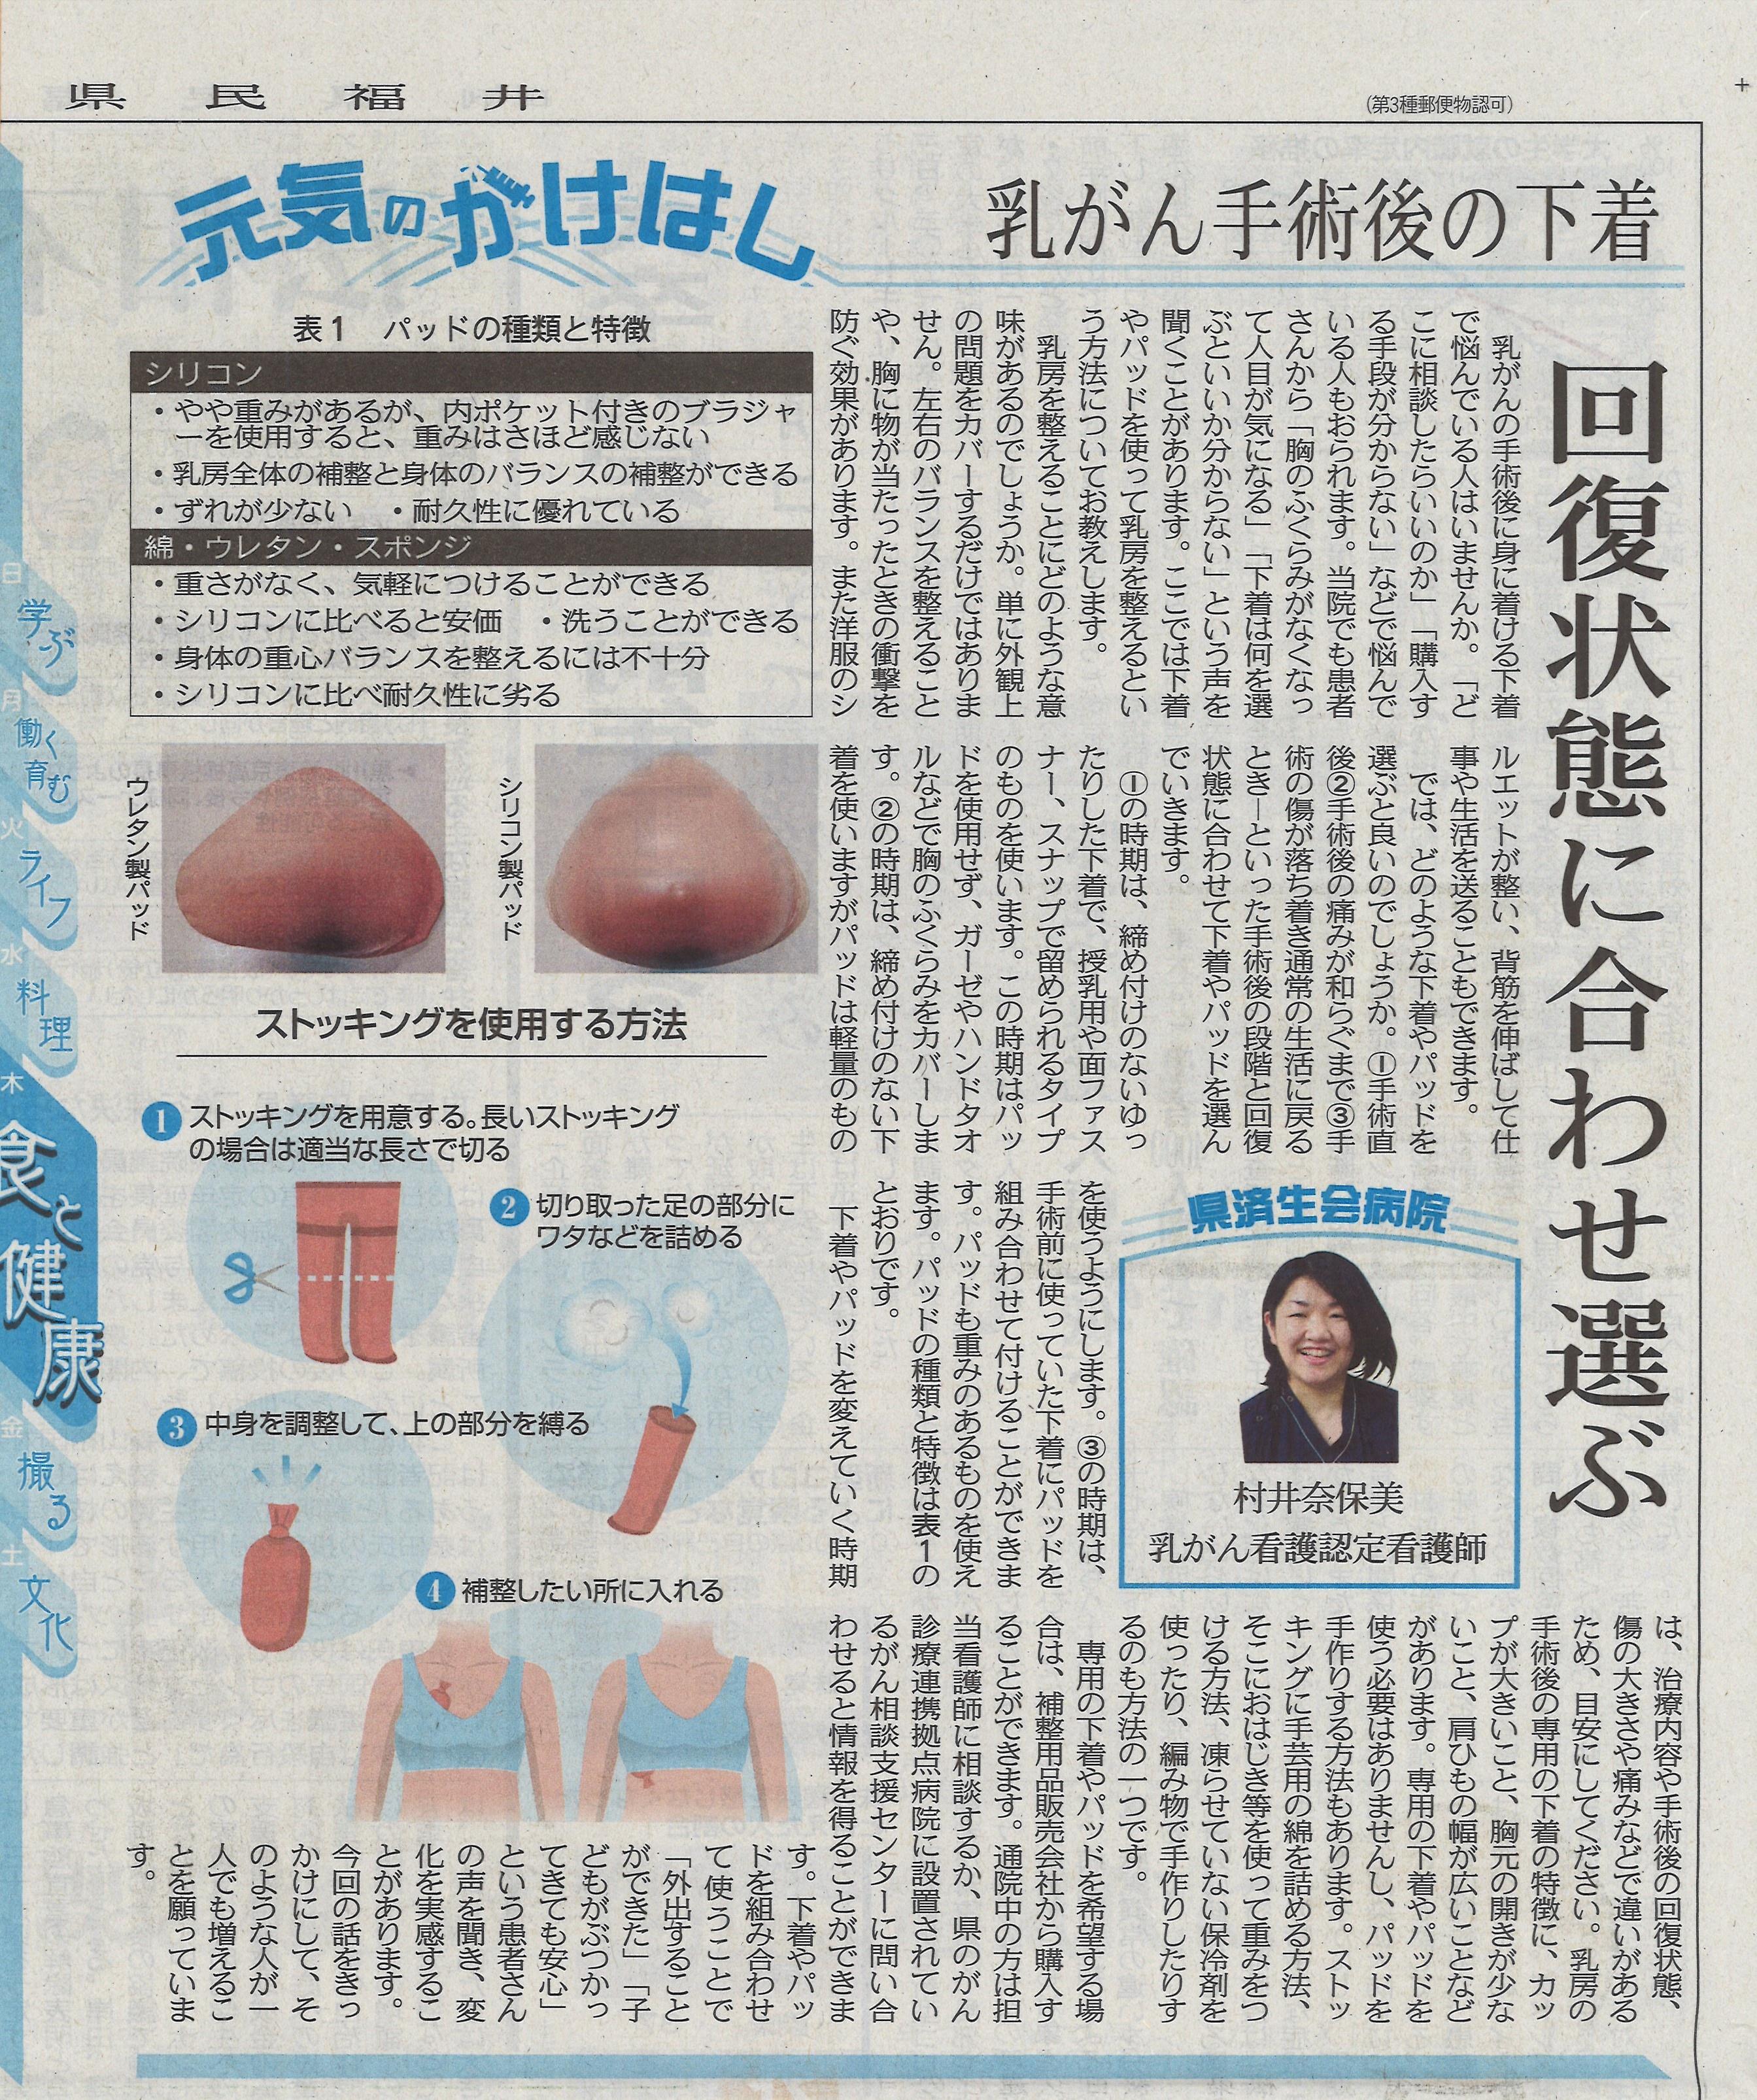 2020年5月14日 日刊県民福井